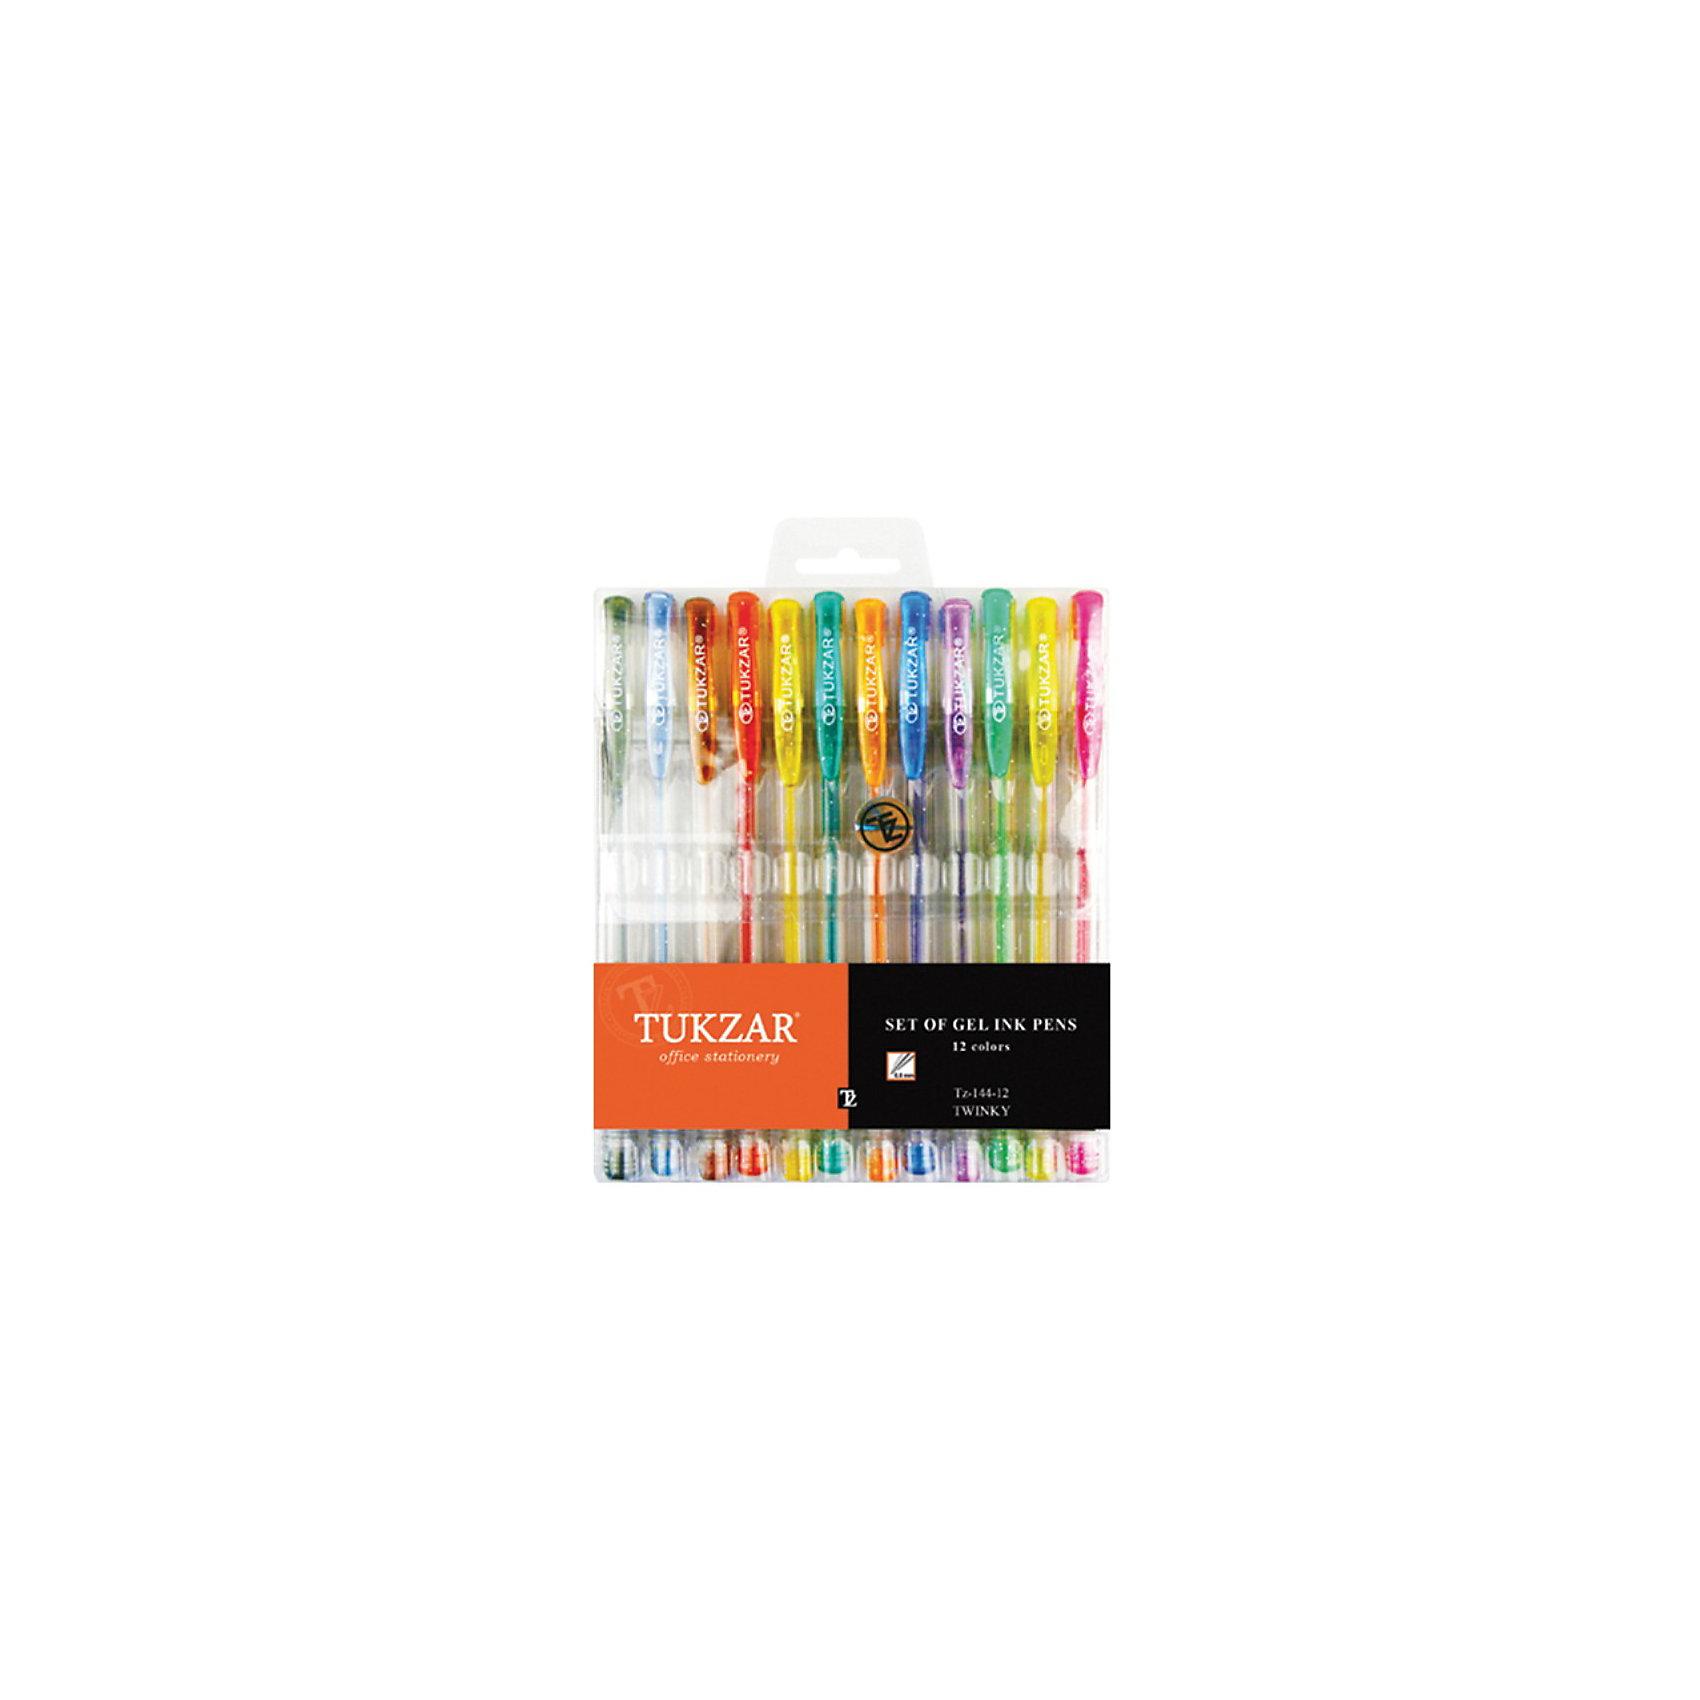 TUKZAR Набор гелевых ручек: суперметаллик с блестками, 12 цветовНабор гелевых ручек: пластиковый прозрачный корпус с блестками и колпачком, чернила - суперметаллик с блестками, в упаковке с европодвесом, 12 цветов.<br><br>Ширина мм: 179<br>Глубина мм: 135<br>Высота мм: 14<br>Вес г: 110<br>Возраст от месяцев: 36<br>Возраст до месяцев: 1188<br>Пол: Унисекс<br>Возраст: Детский<br>SKU: 3098121